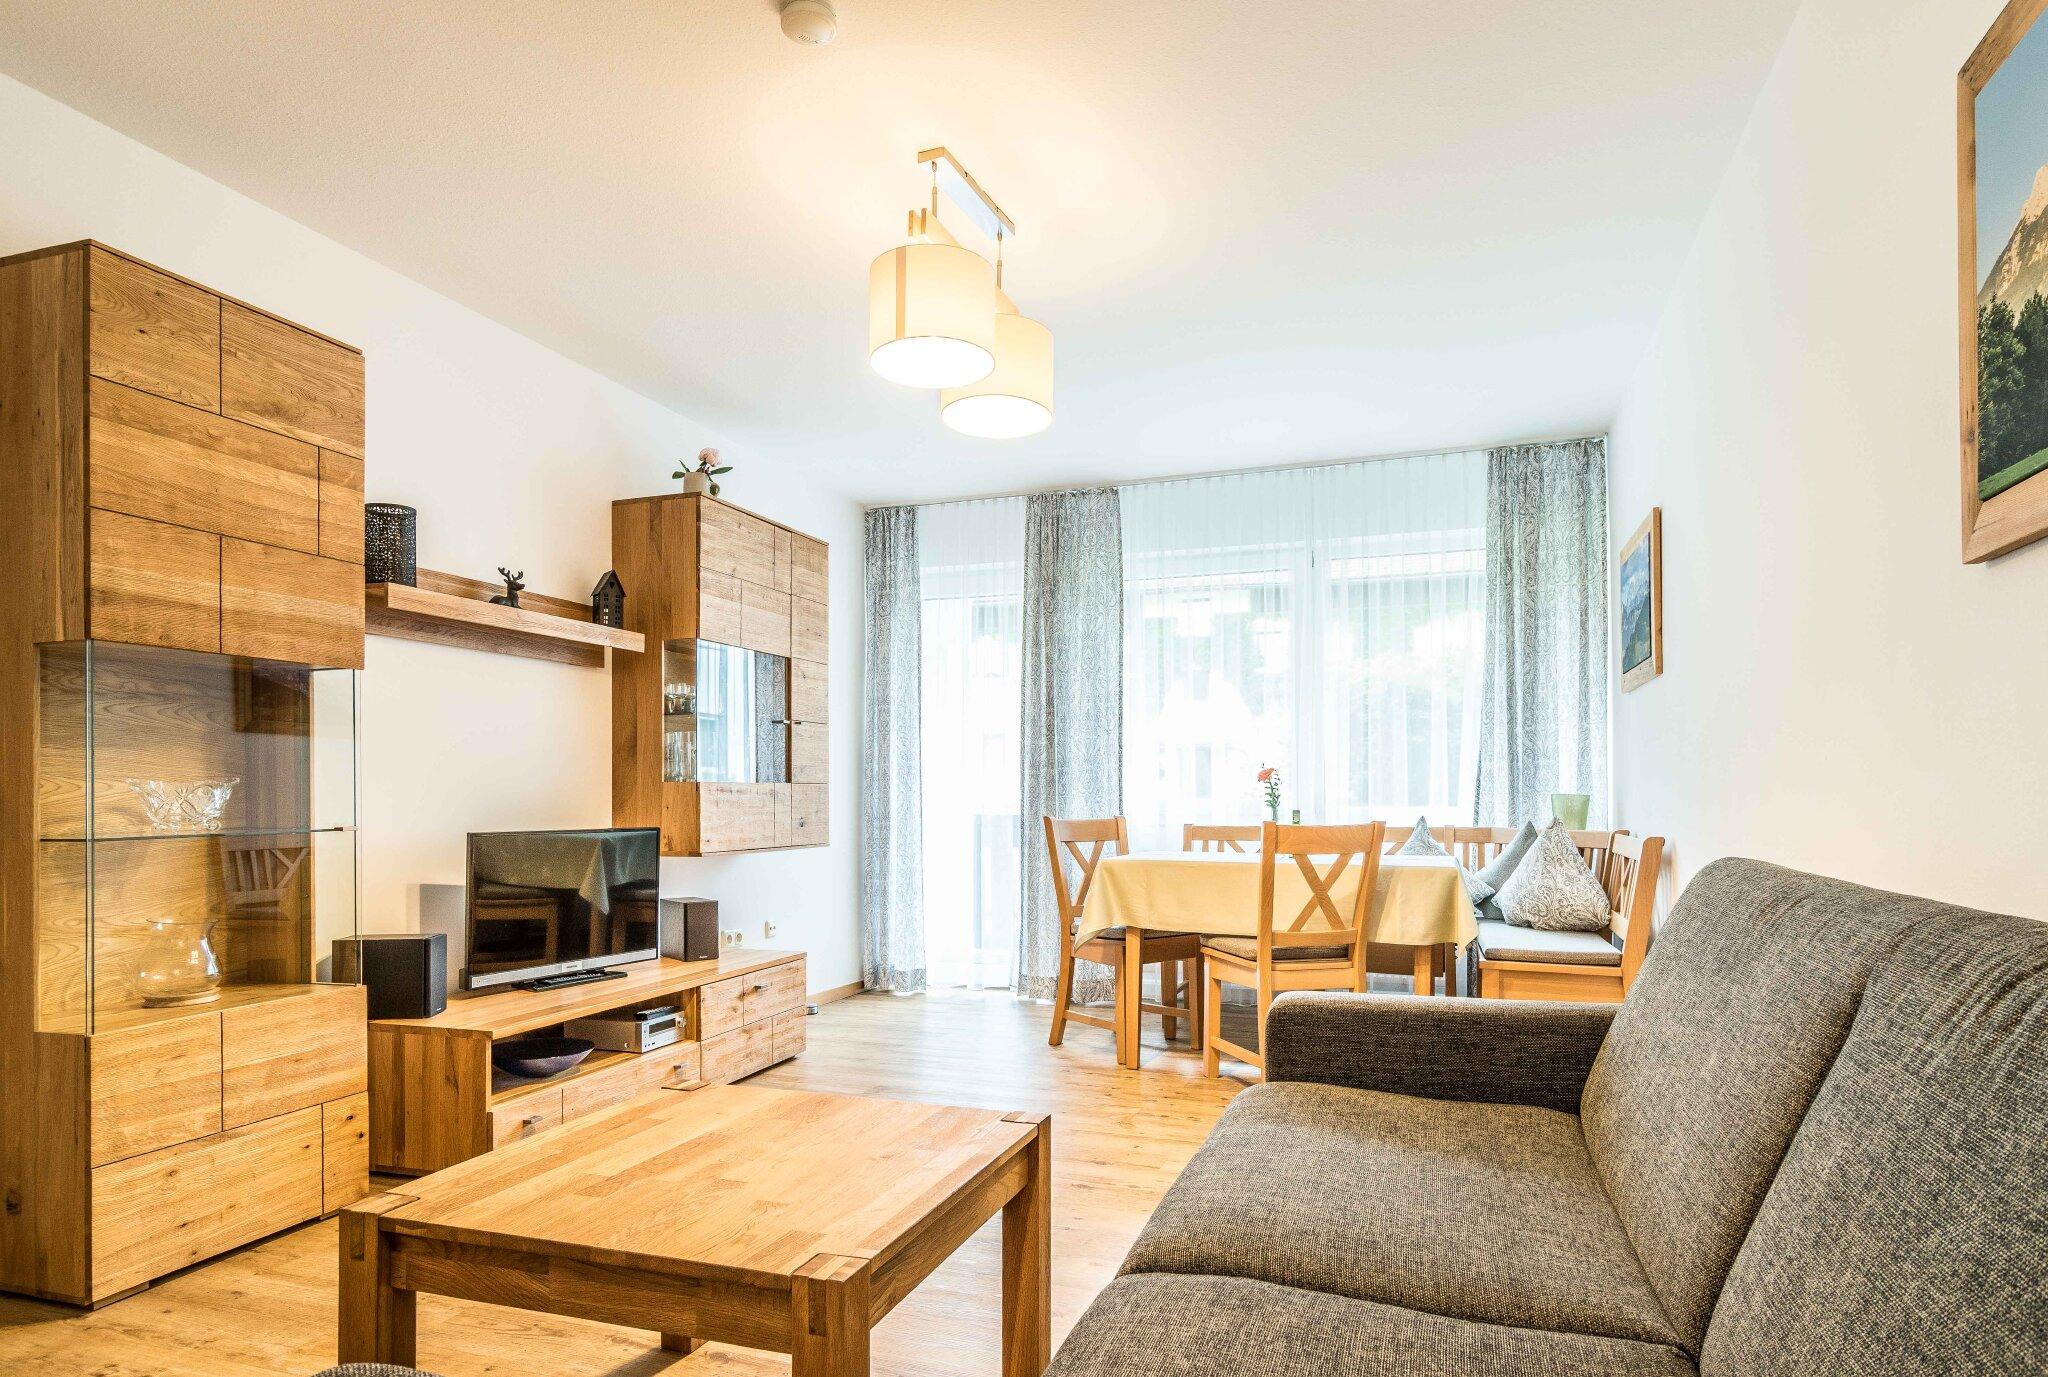 Kinderspielraum u. Billard u.Tischtennis